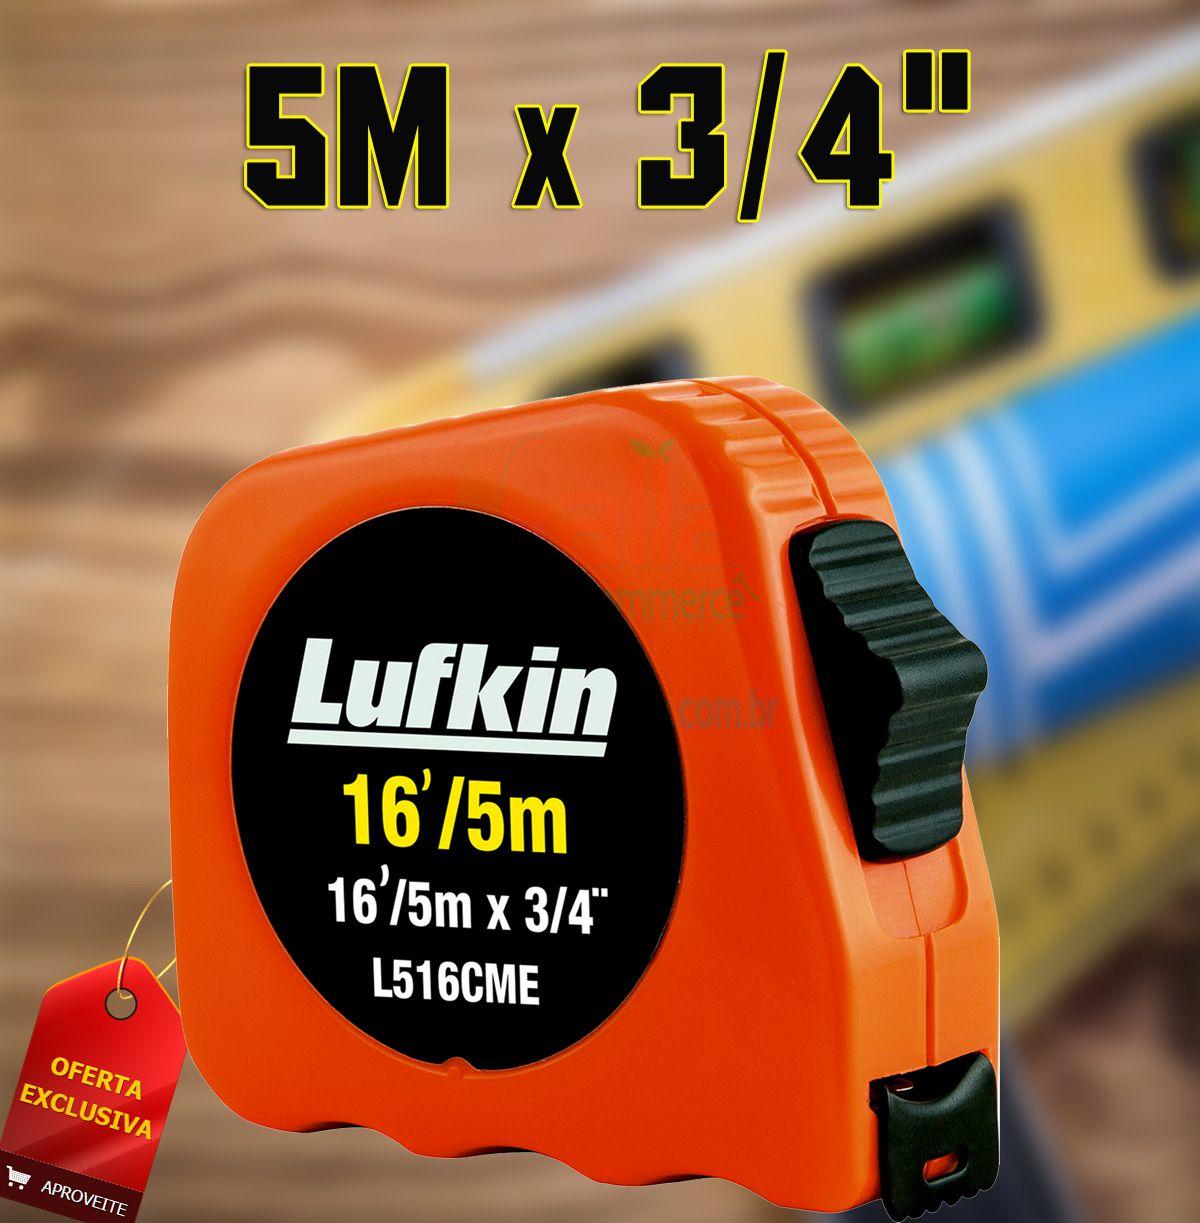 Trena Métrica de Bolso / Fita Verniz em Aço de 5 Metros 16´/5m L516cme Lufkin